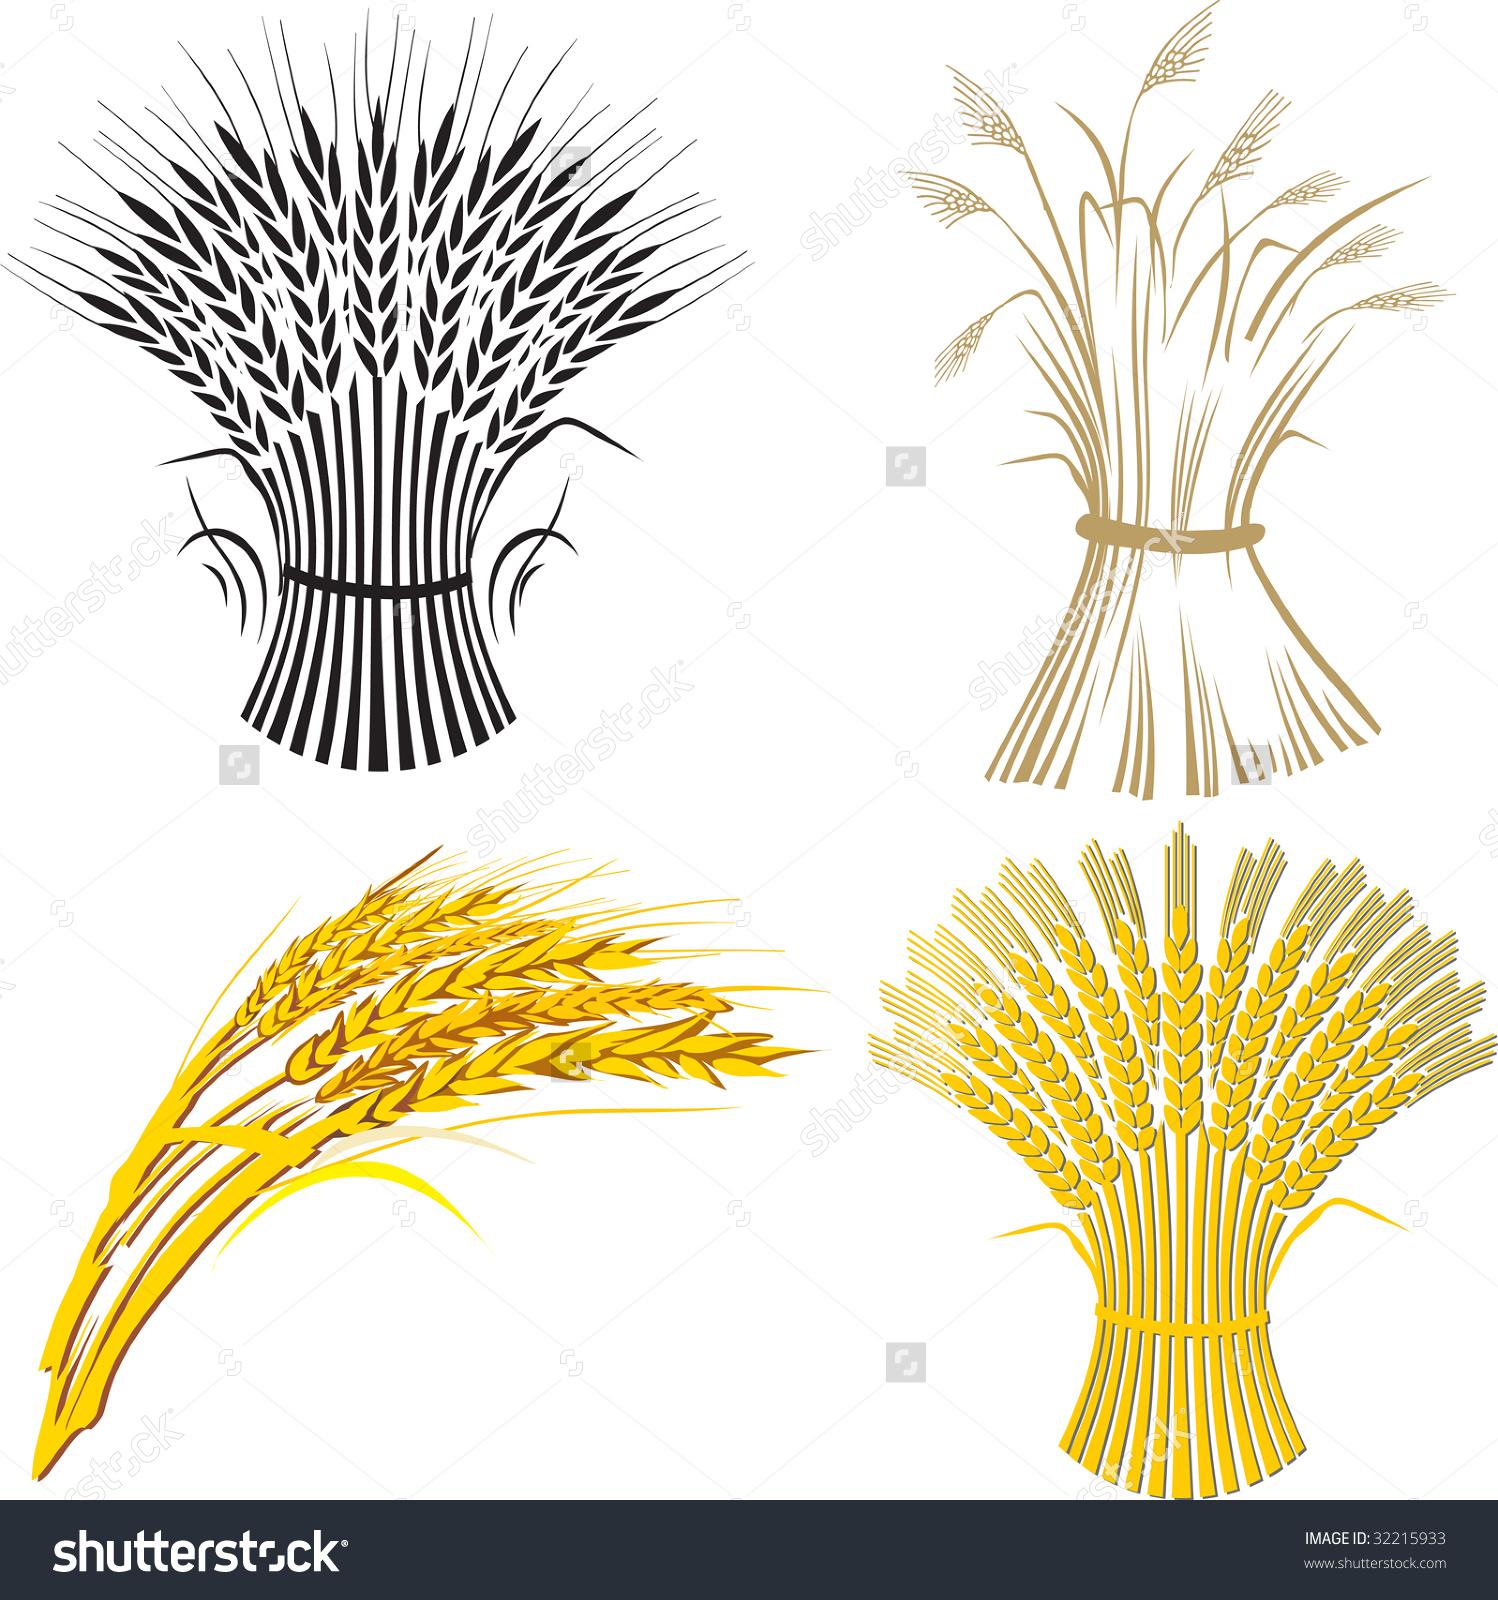 Four Wheat Sheaf Stock Vector Illustration 32215933 : Shutterstock.